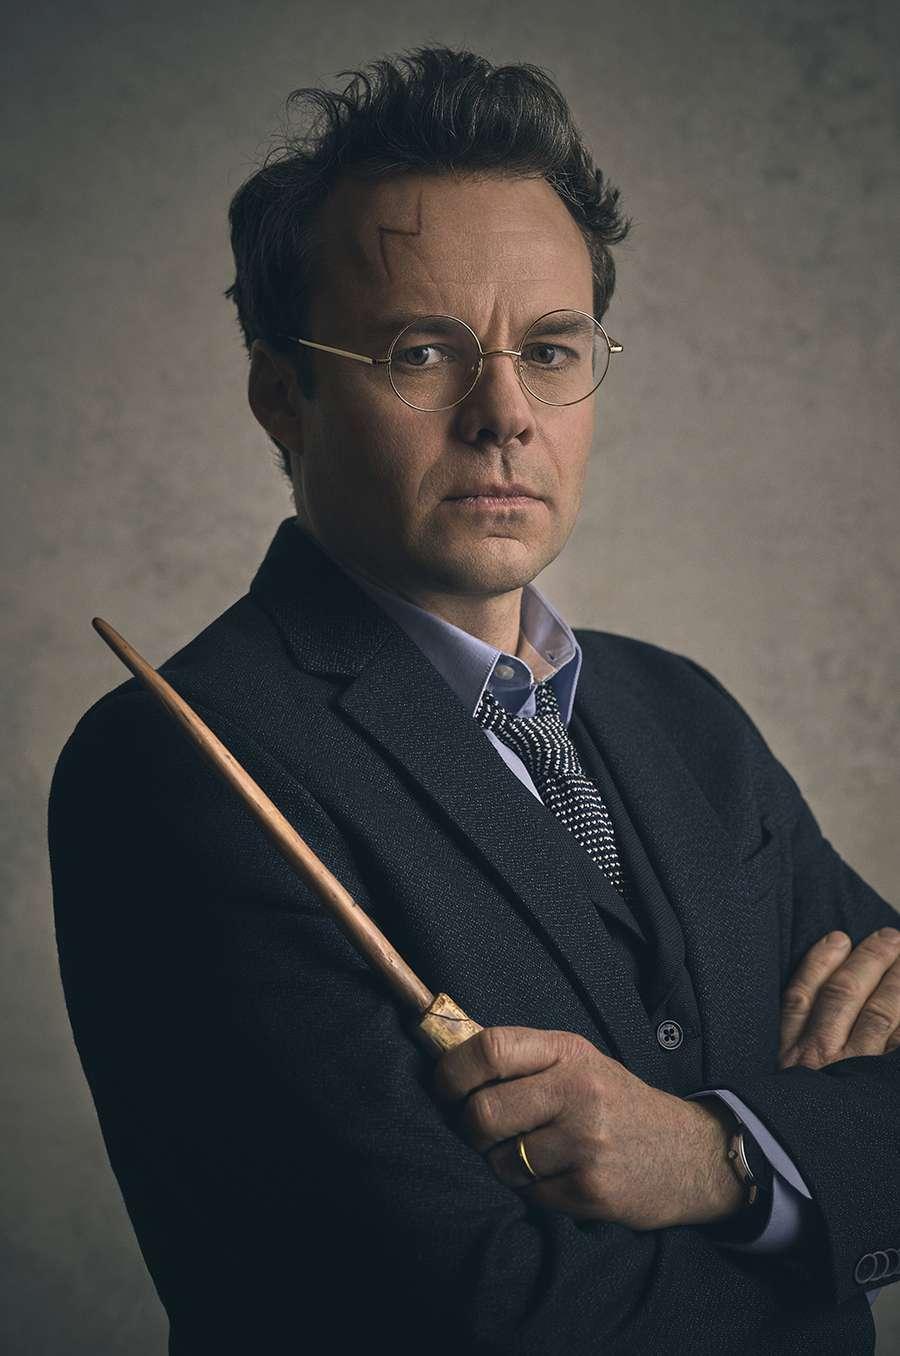 Intip Foto Keluarga Potter hingga Malfoy Versi Panggung Teater